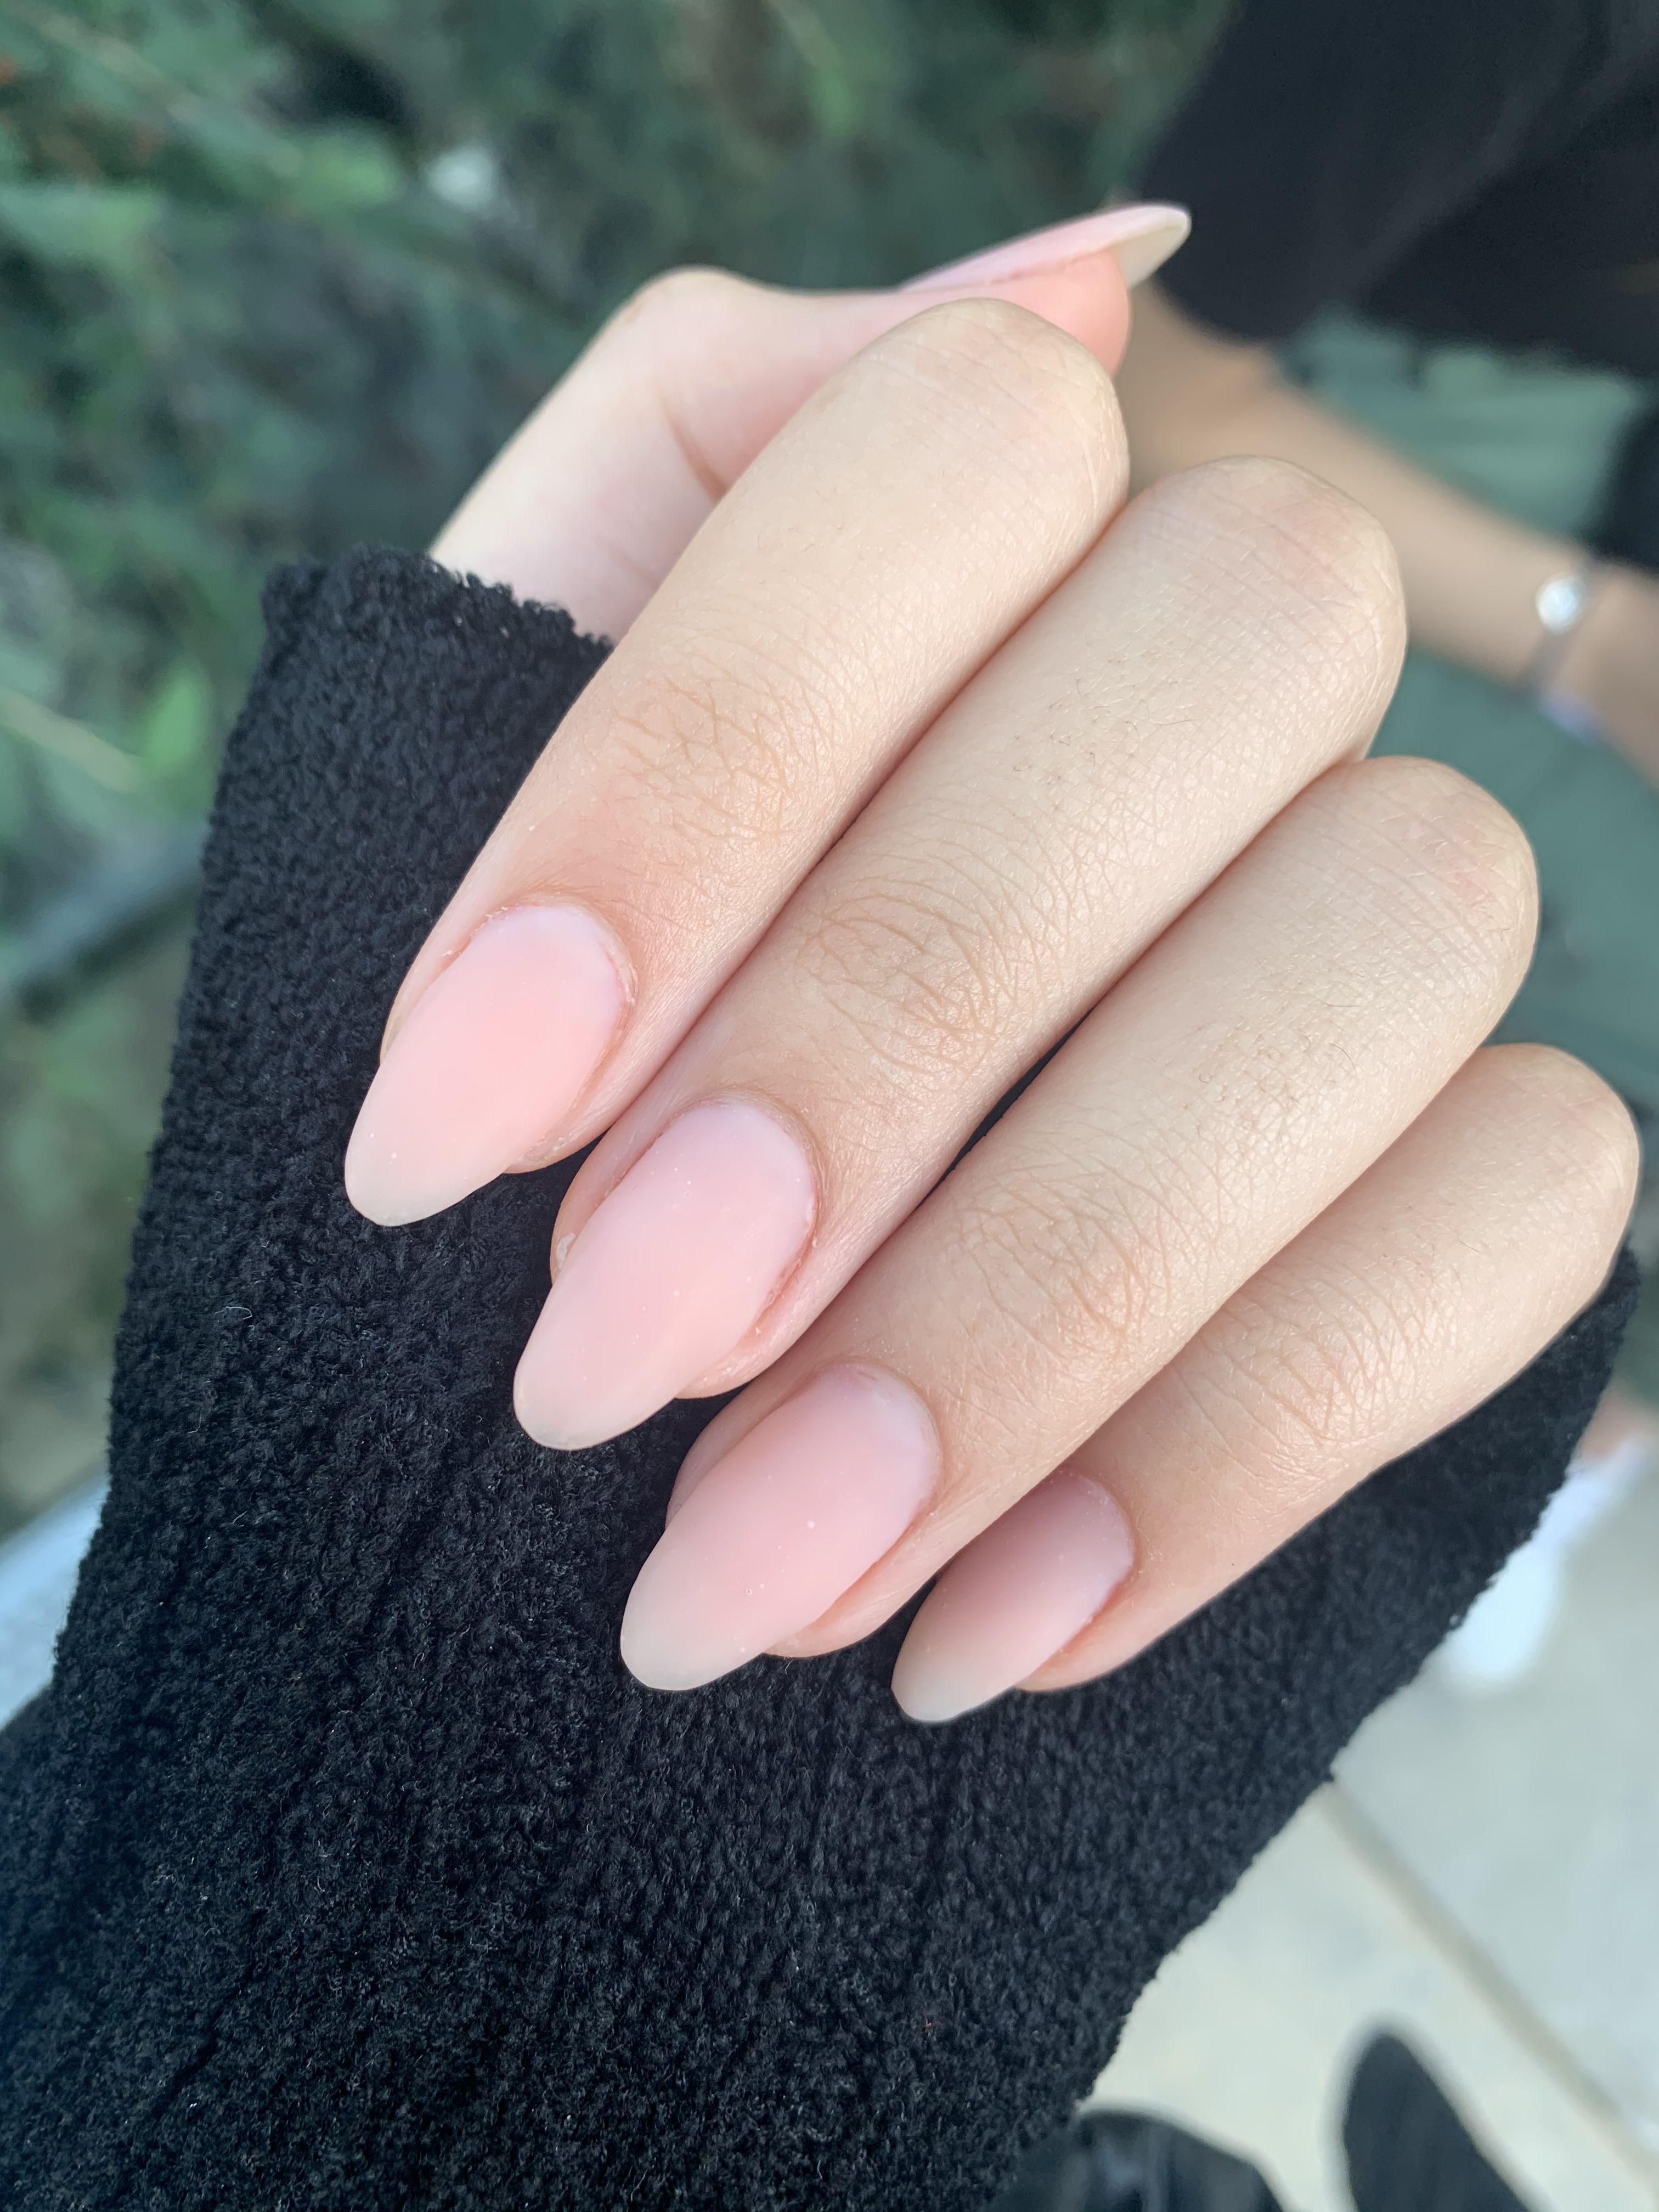 Nail Art Simple Acrylic Nails Oval Acrylic Nails White Acrylic Nails